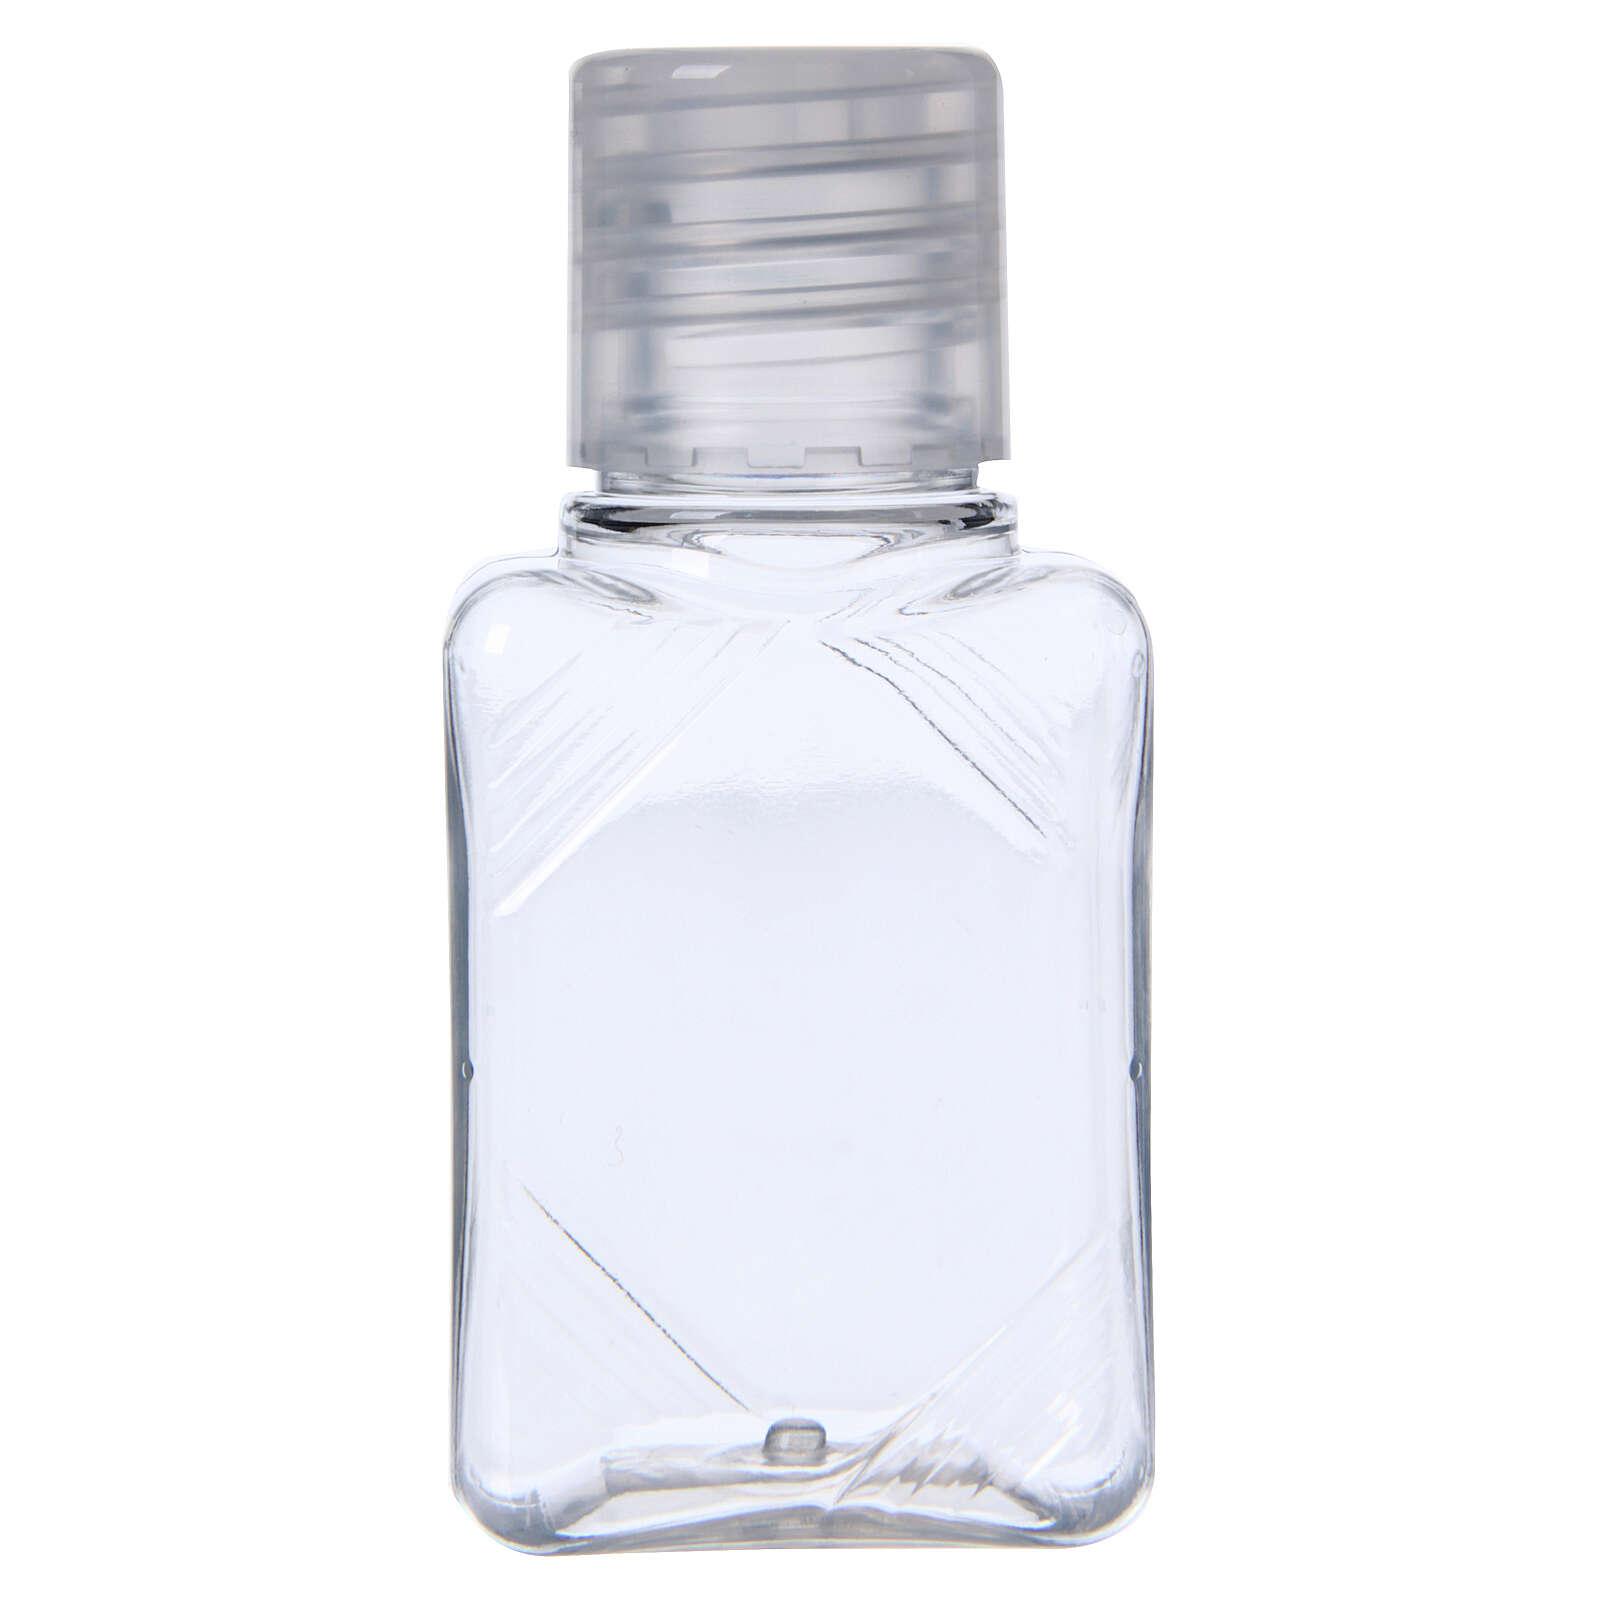 Bouteilles eau bénite 30 ml emballage 100 pcs 3